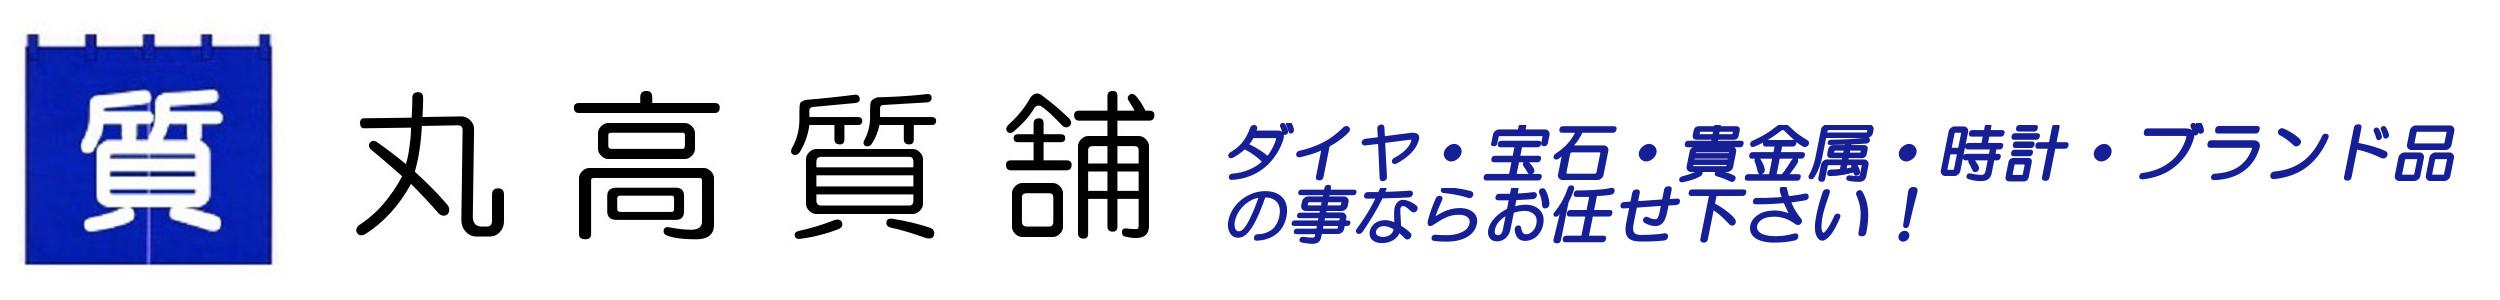 大阪市・西成区の買取|質屋なら丸高質舗―西成区役所よりすぐ